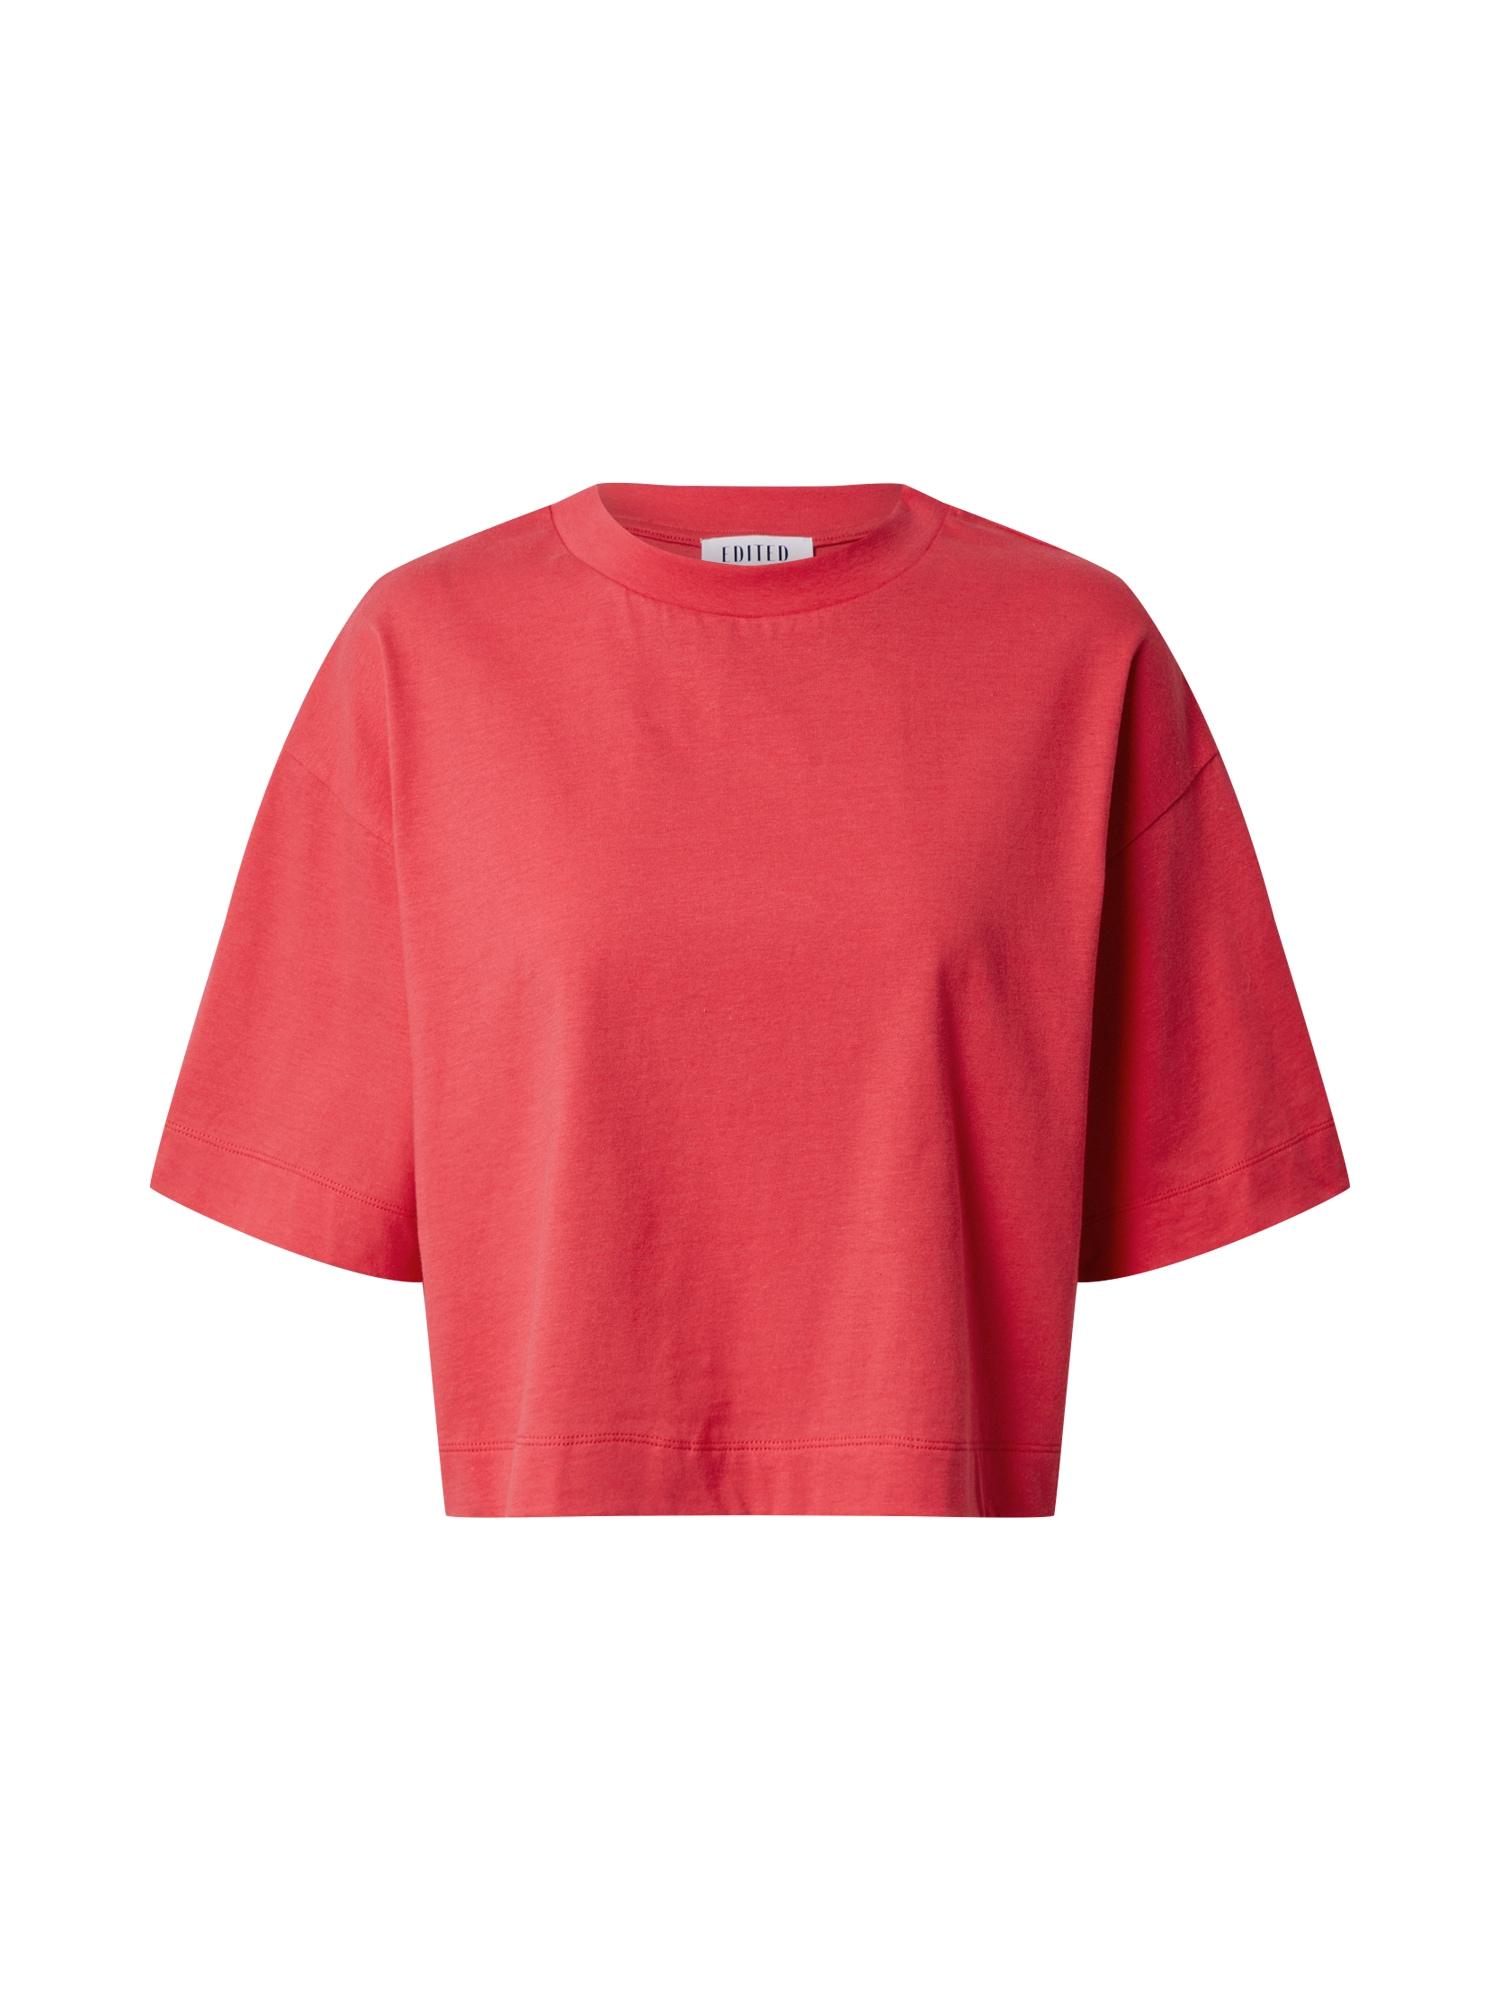 EDITED Marškinėliai 'Sila' spanguolių spalva